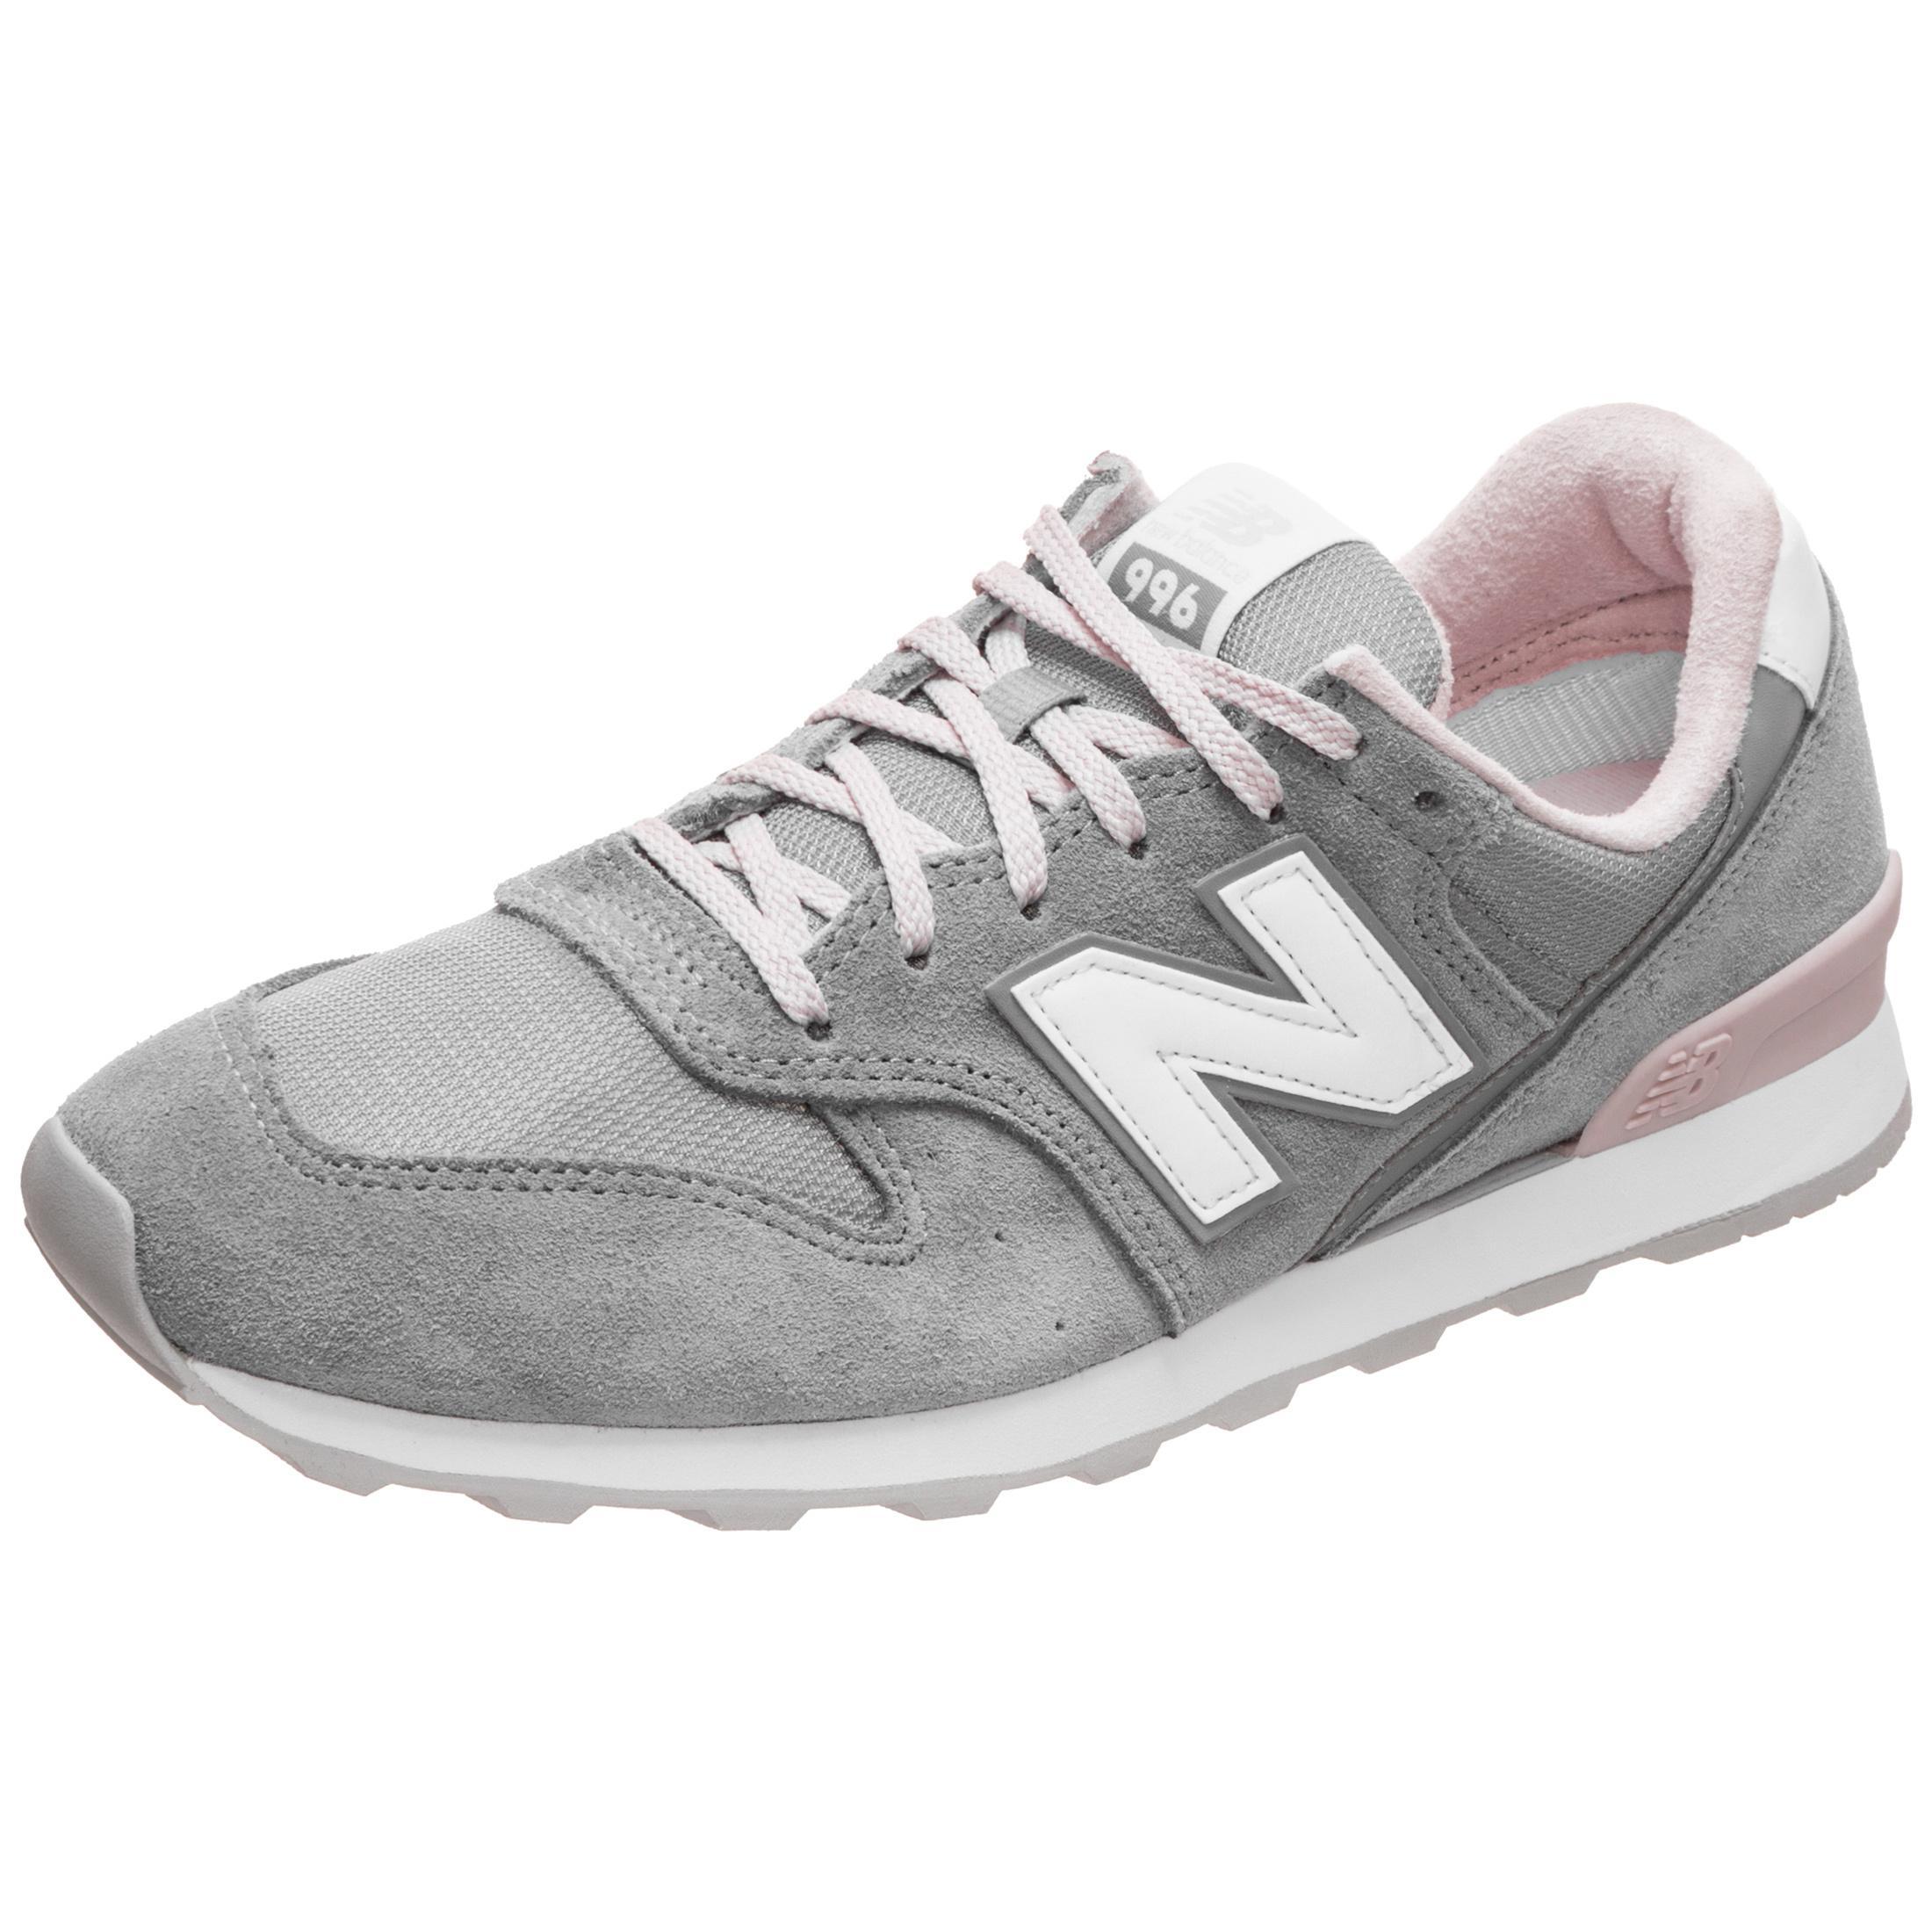 NEW BALANCE WR996-ACG-D Sneaker Damen grau / rosa im Online Shop von  SportScheck kaufen